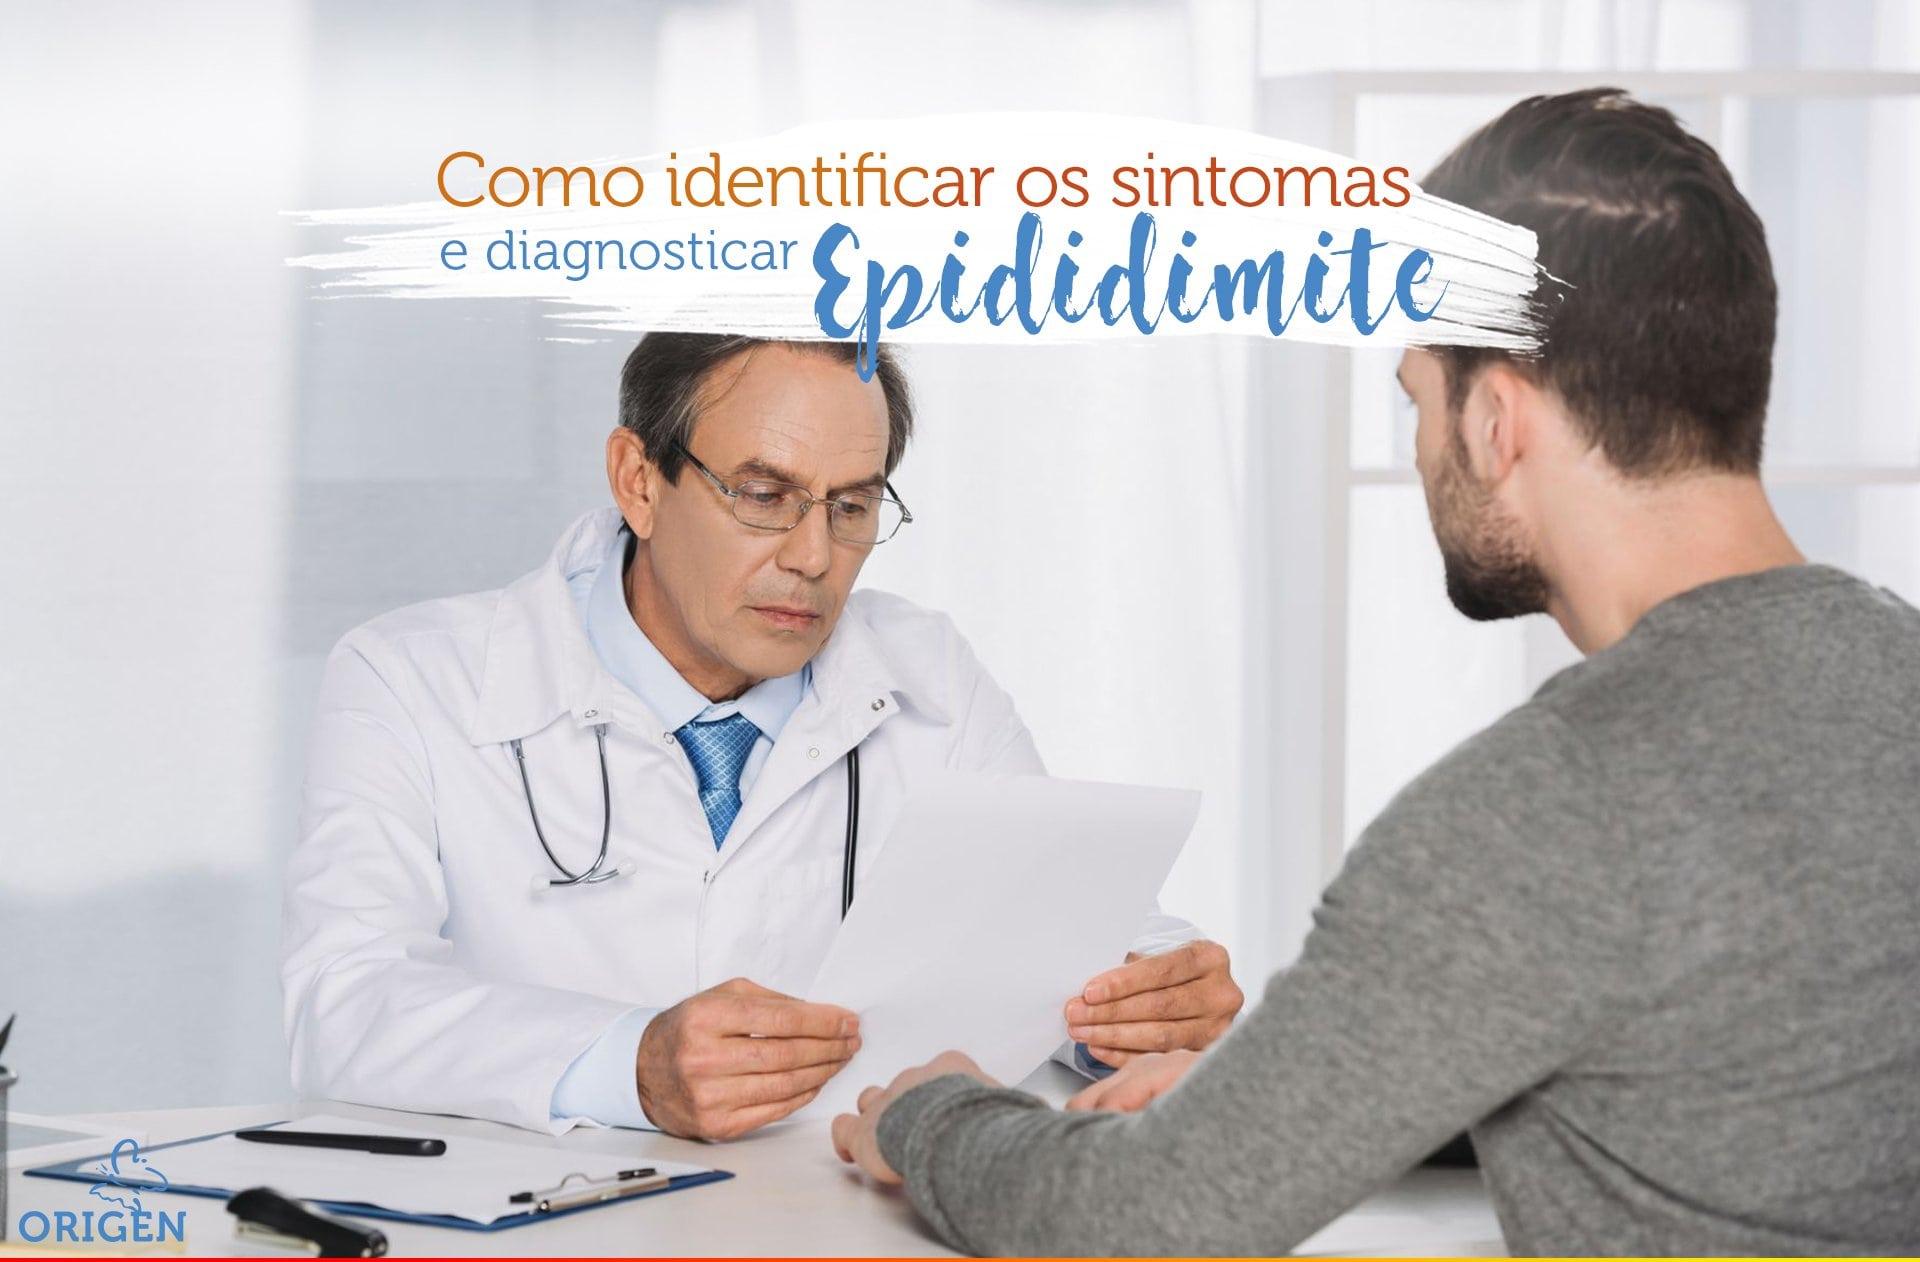 Epididimite: entenda como identificar os sintomas e diagnosticar